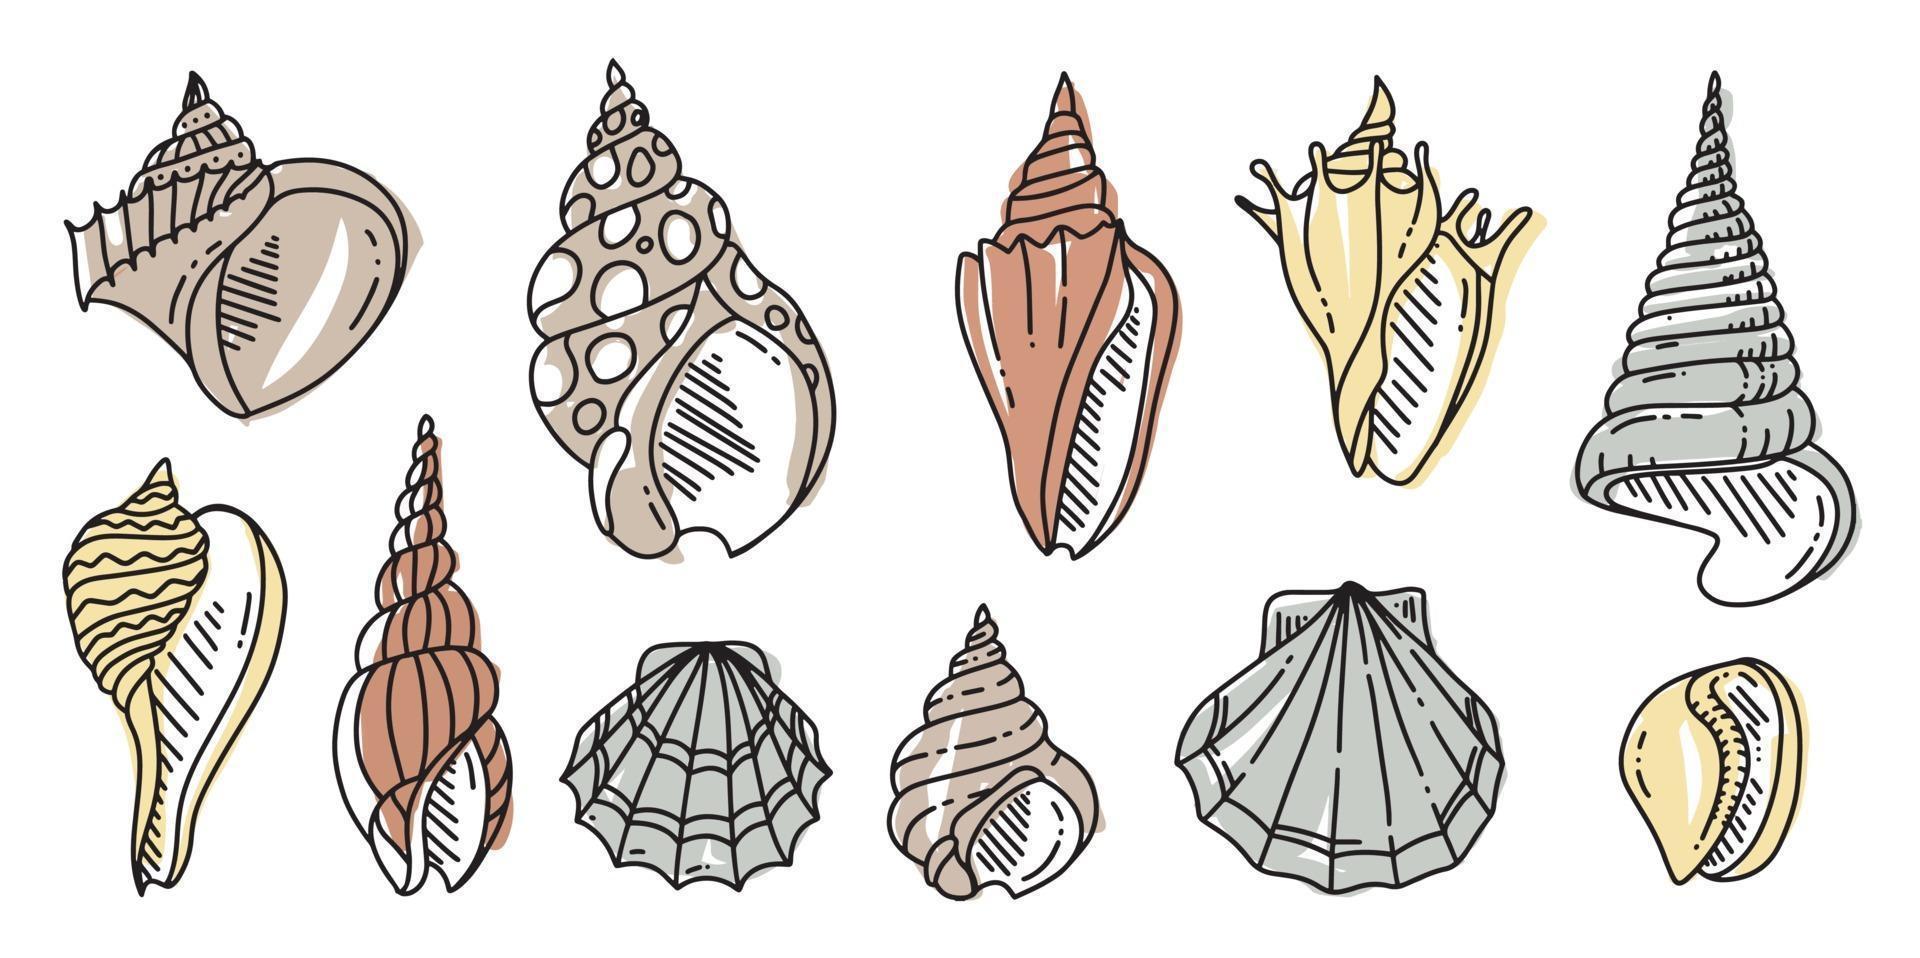 ensemble de griffonnage coloré de coquille de mer. divers coquillages dans les grandes lignes. illustration plate dessinée à la main. vecteur